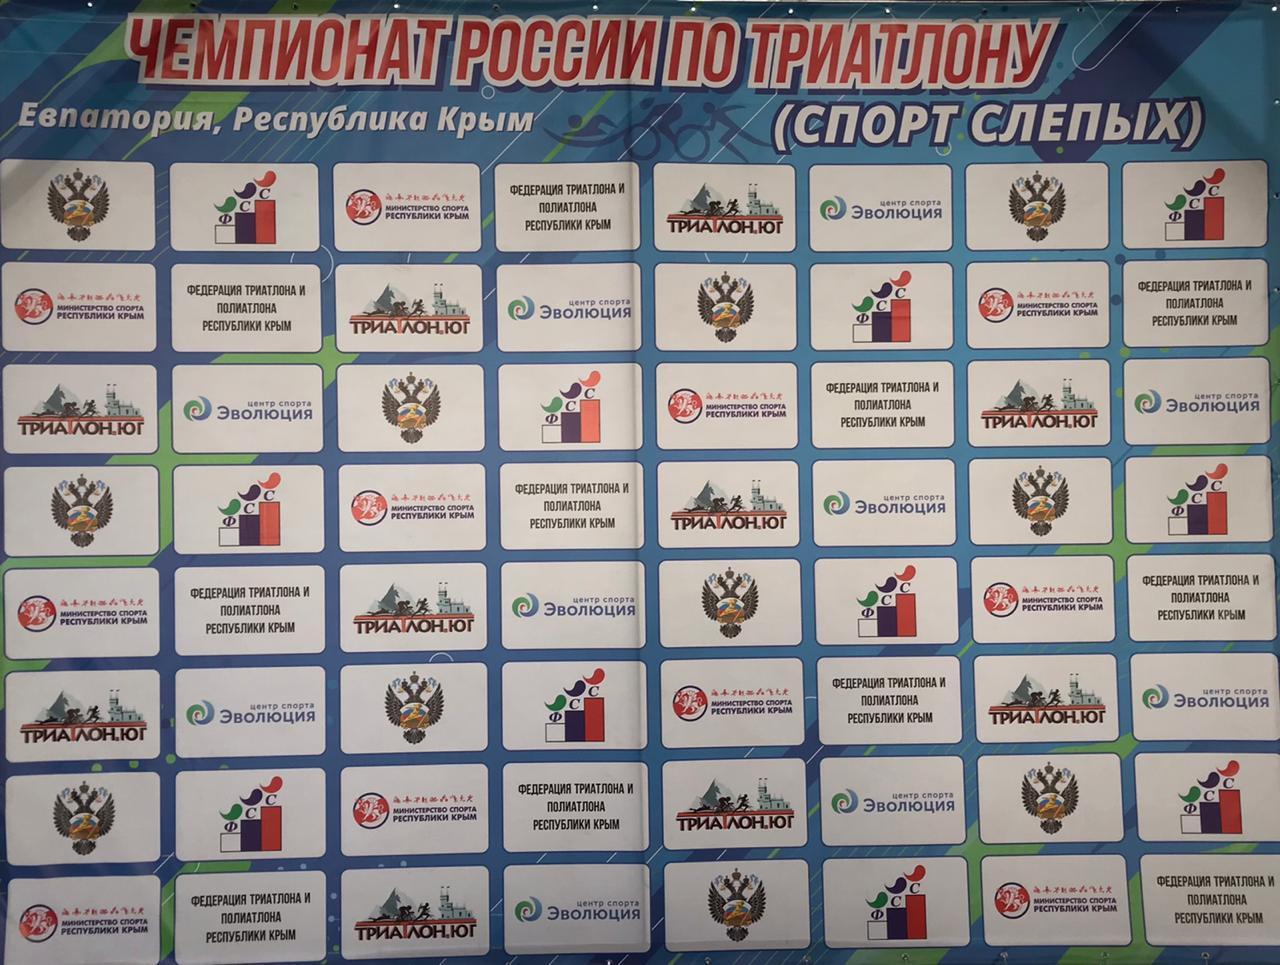 8 экипажей разыграют медали чемпионата России по паратриатлону спорта слепых